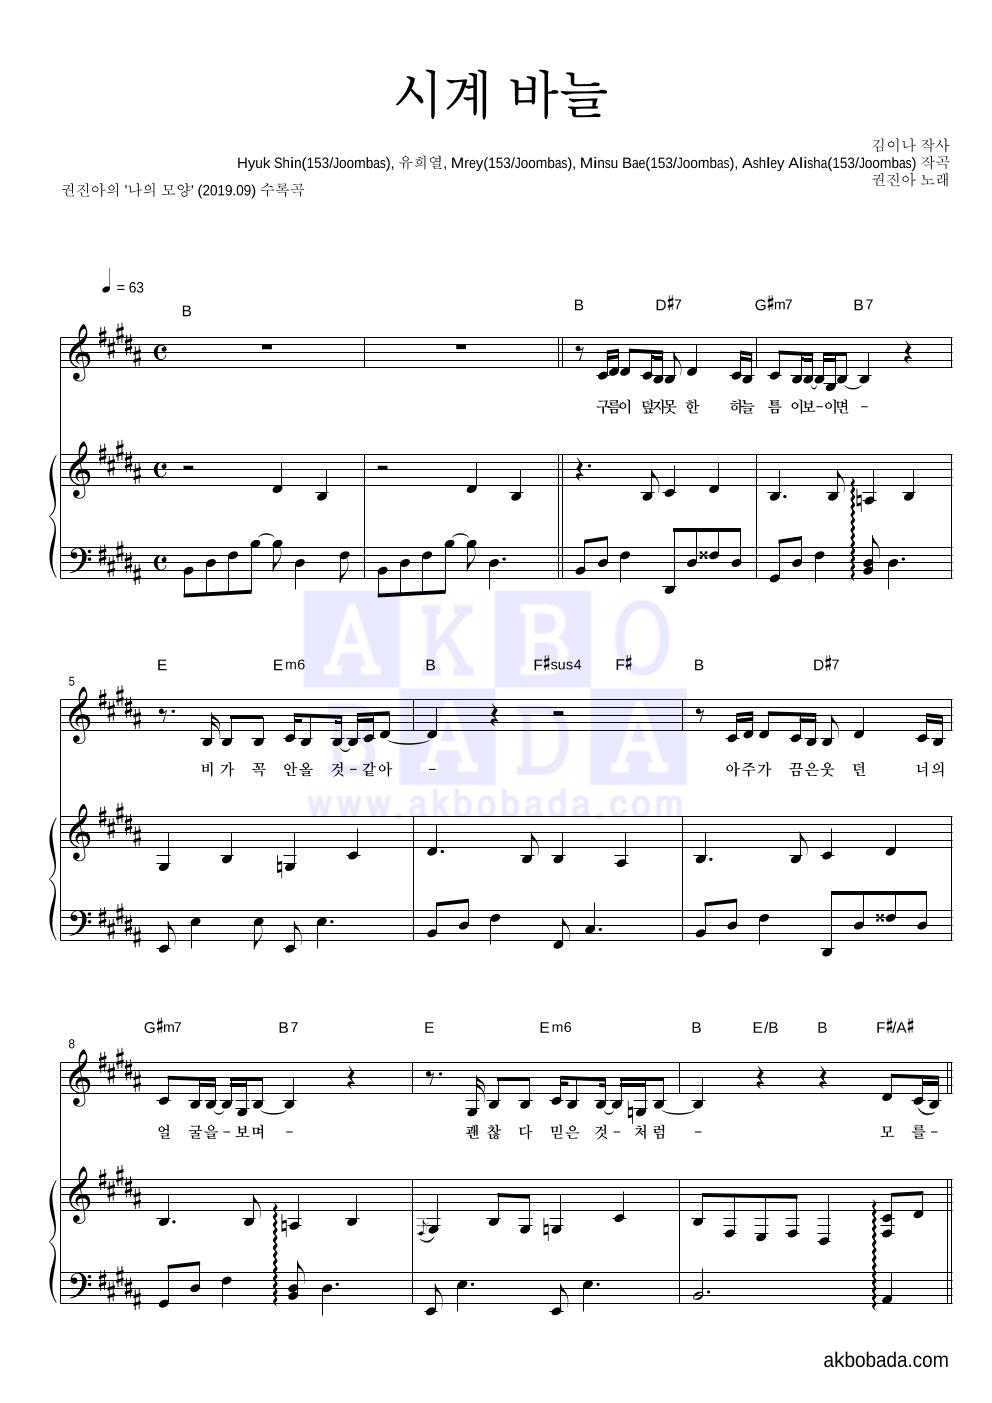 권진아 - 시계 바늘 피아노 3단 악보